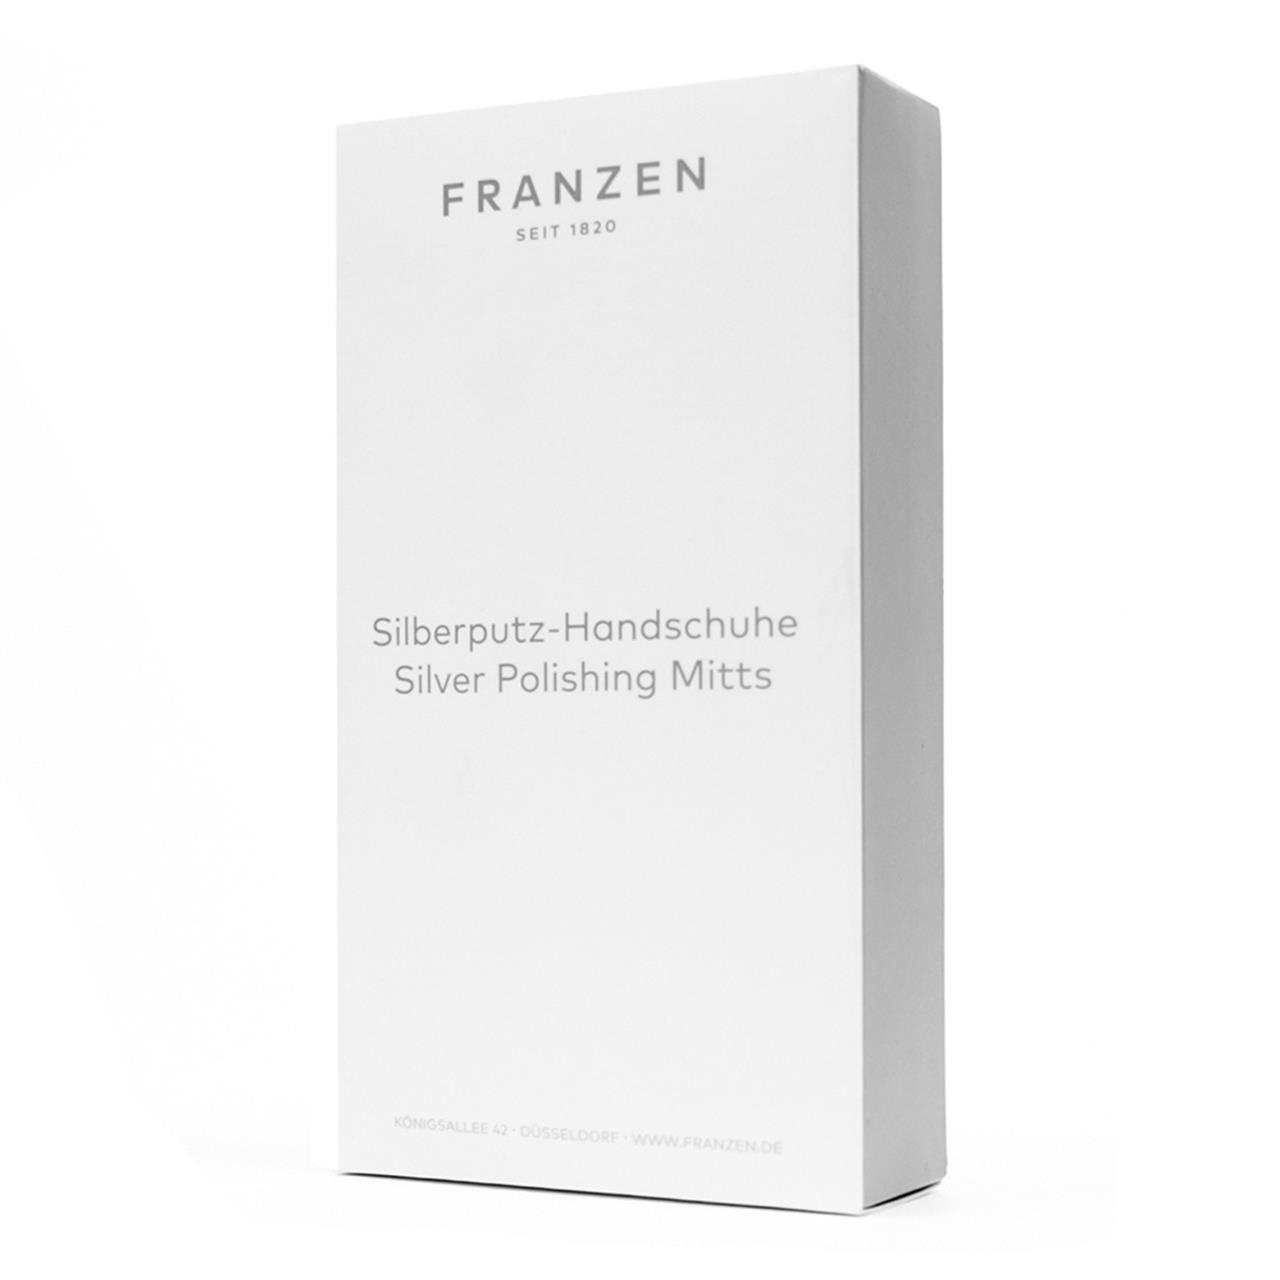 Pflege- und Reinigungsmittel: Silber-Reinigungshandschuhe von Franzen